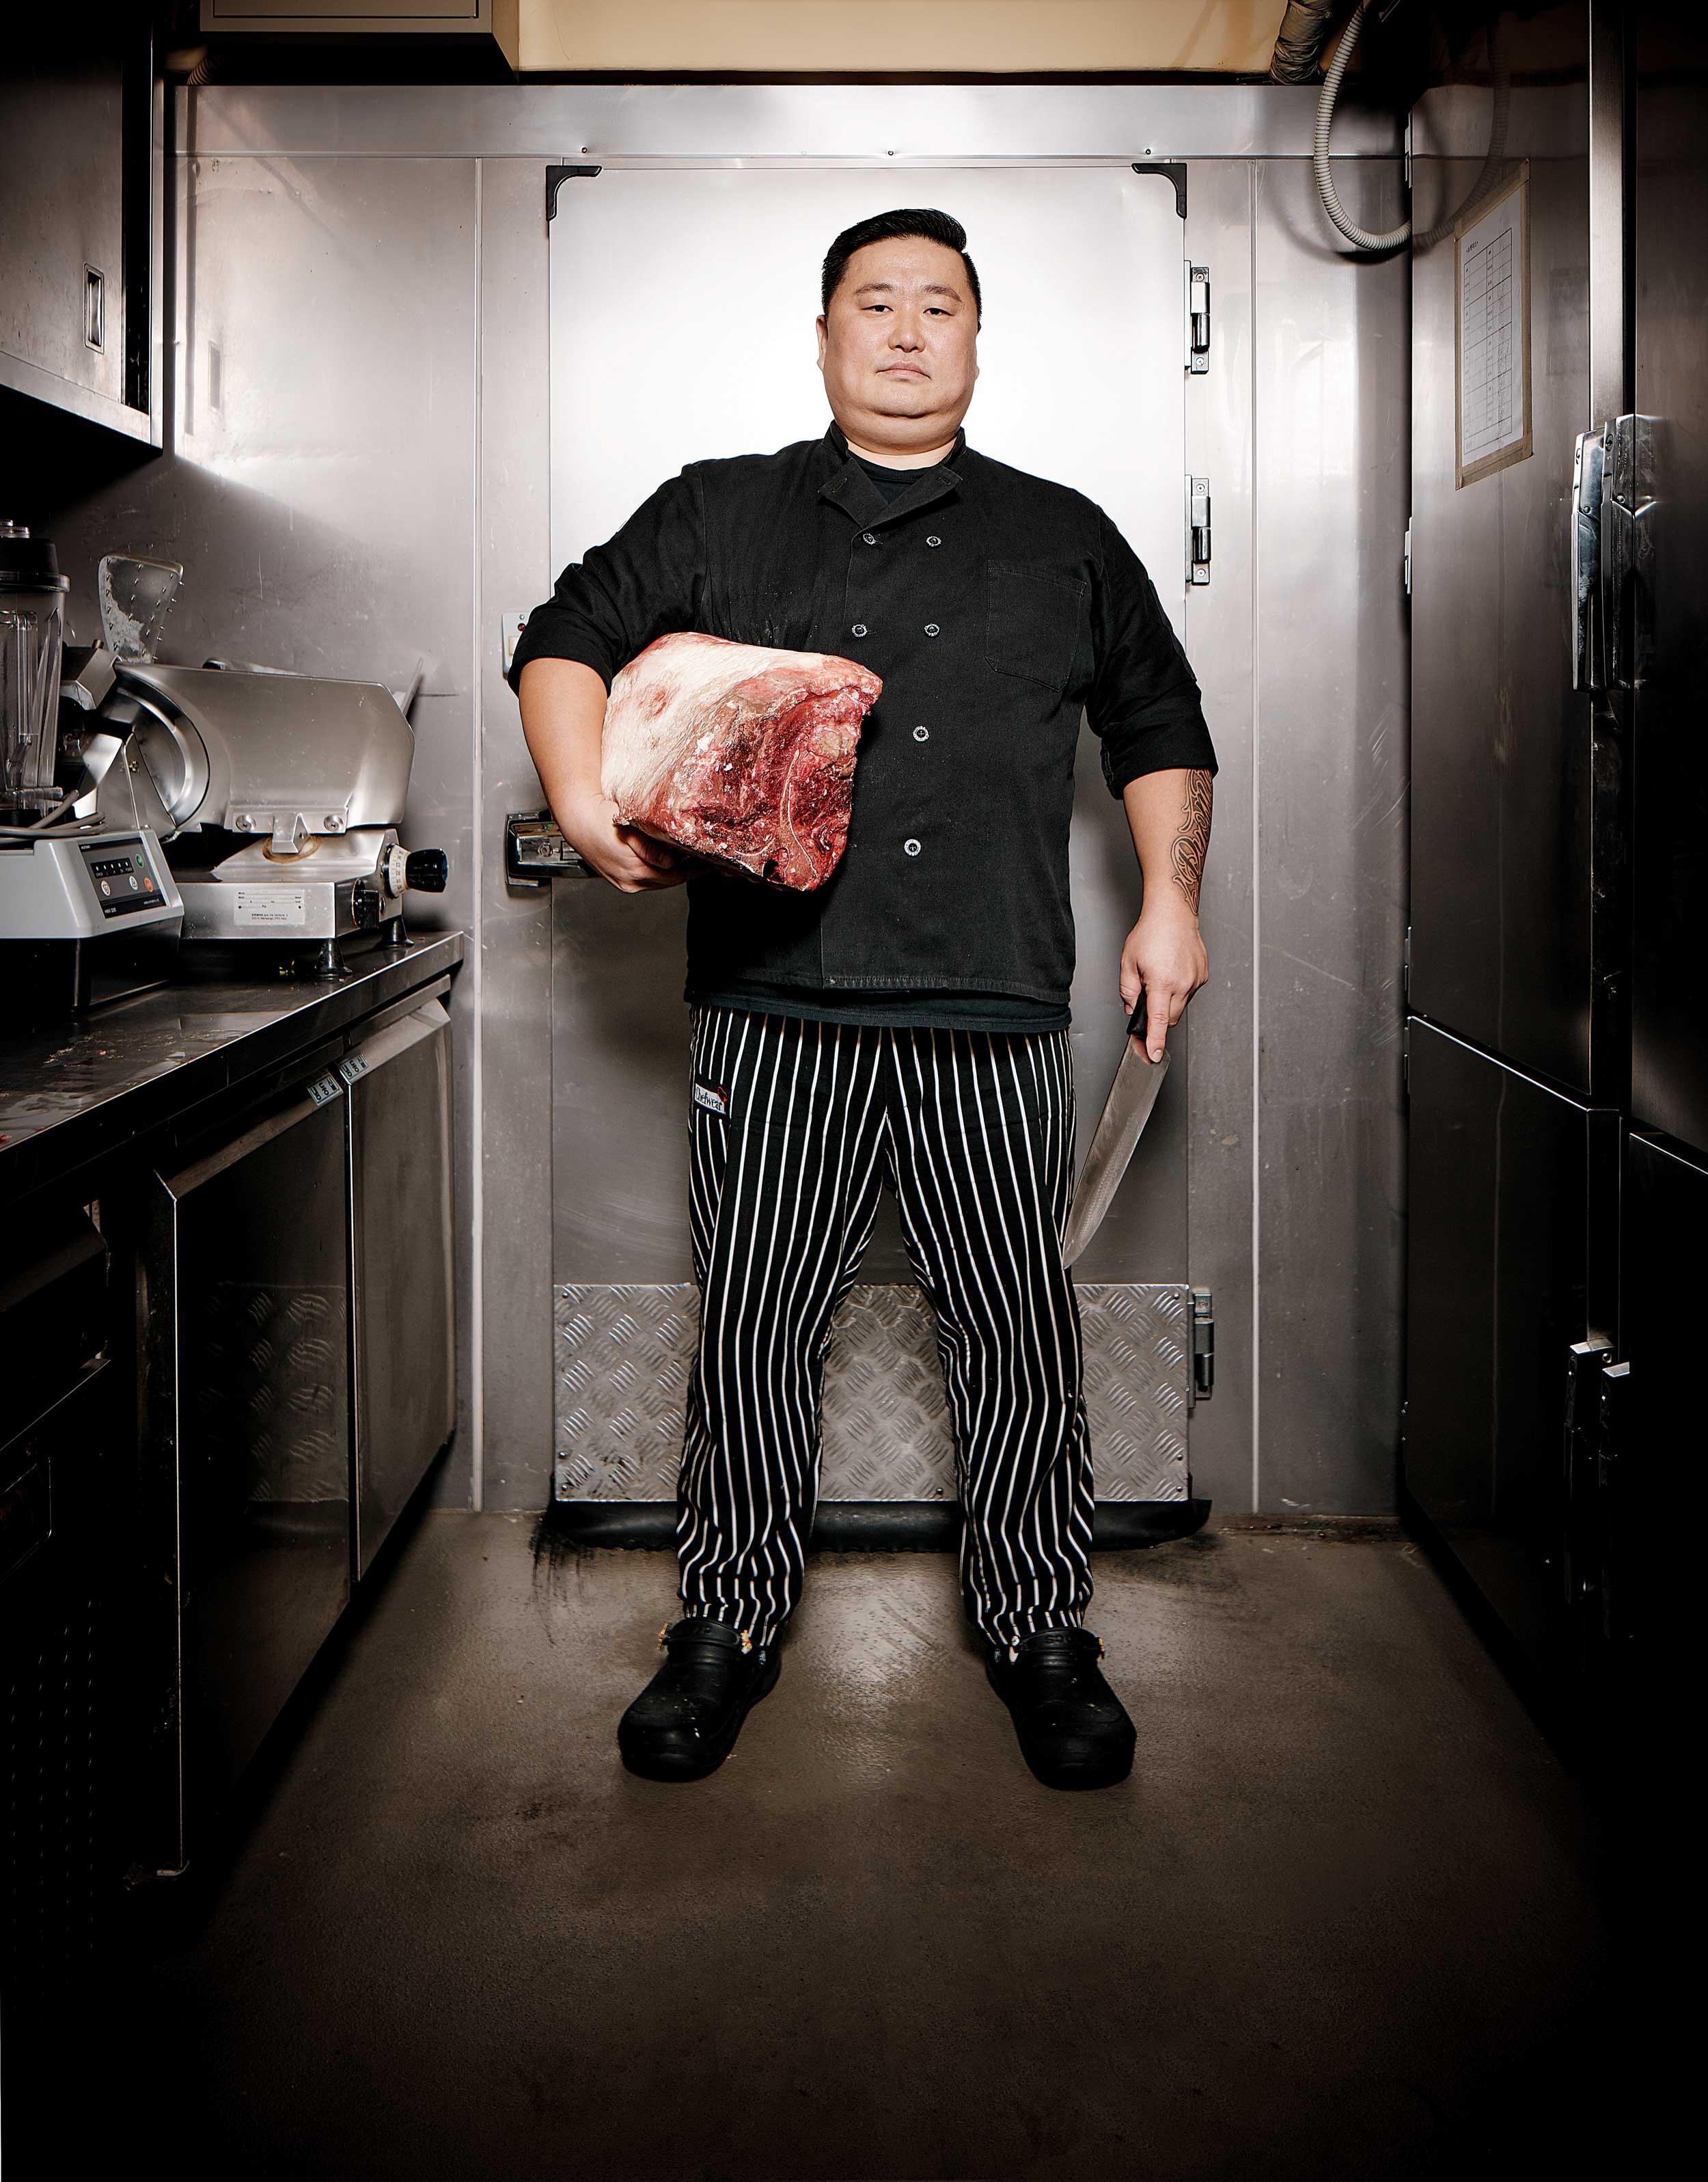 볼트 스테이크 하우스의 이원호 헤드 셰프가 드라이에이징된 고기를 들었다. 무려 10kg이다! © 심윤석, 박재현, 양성모